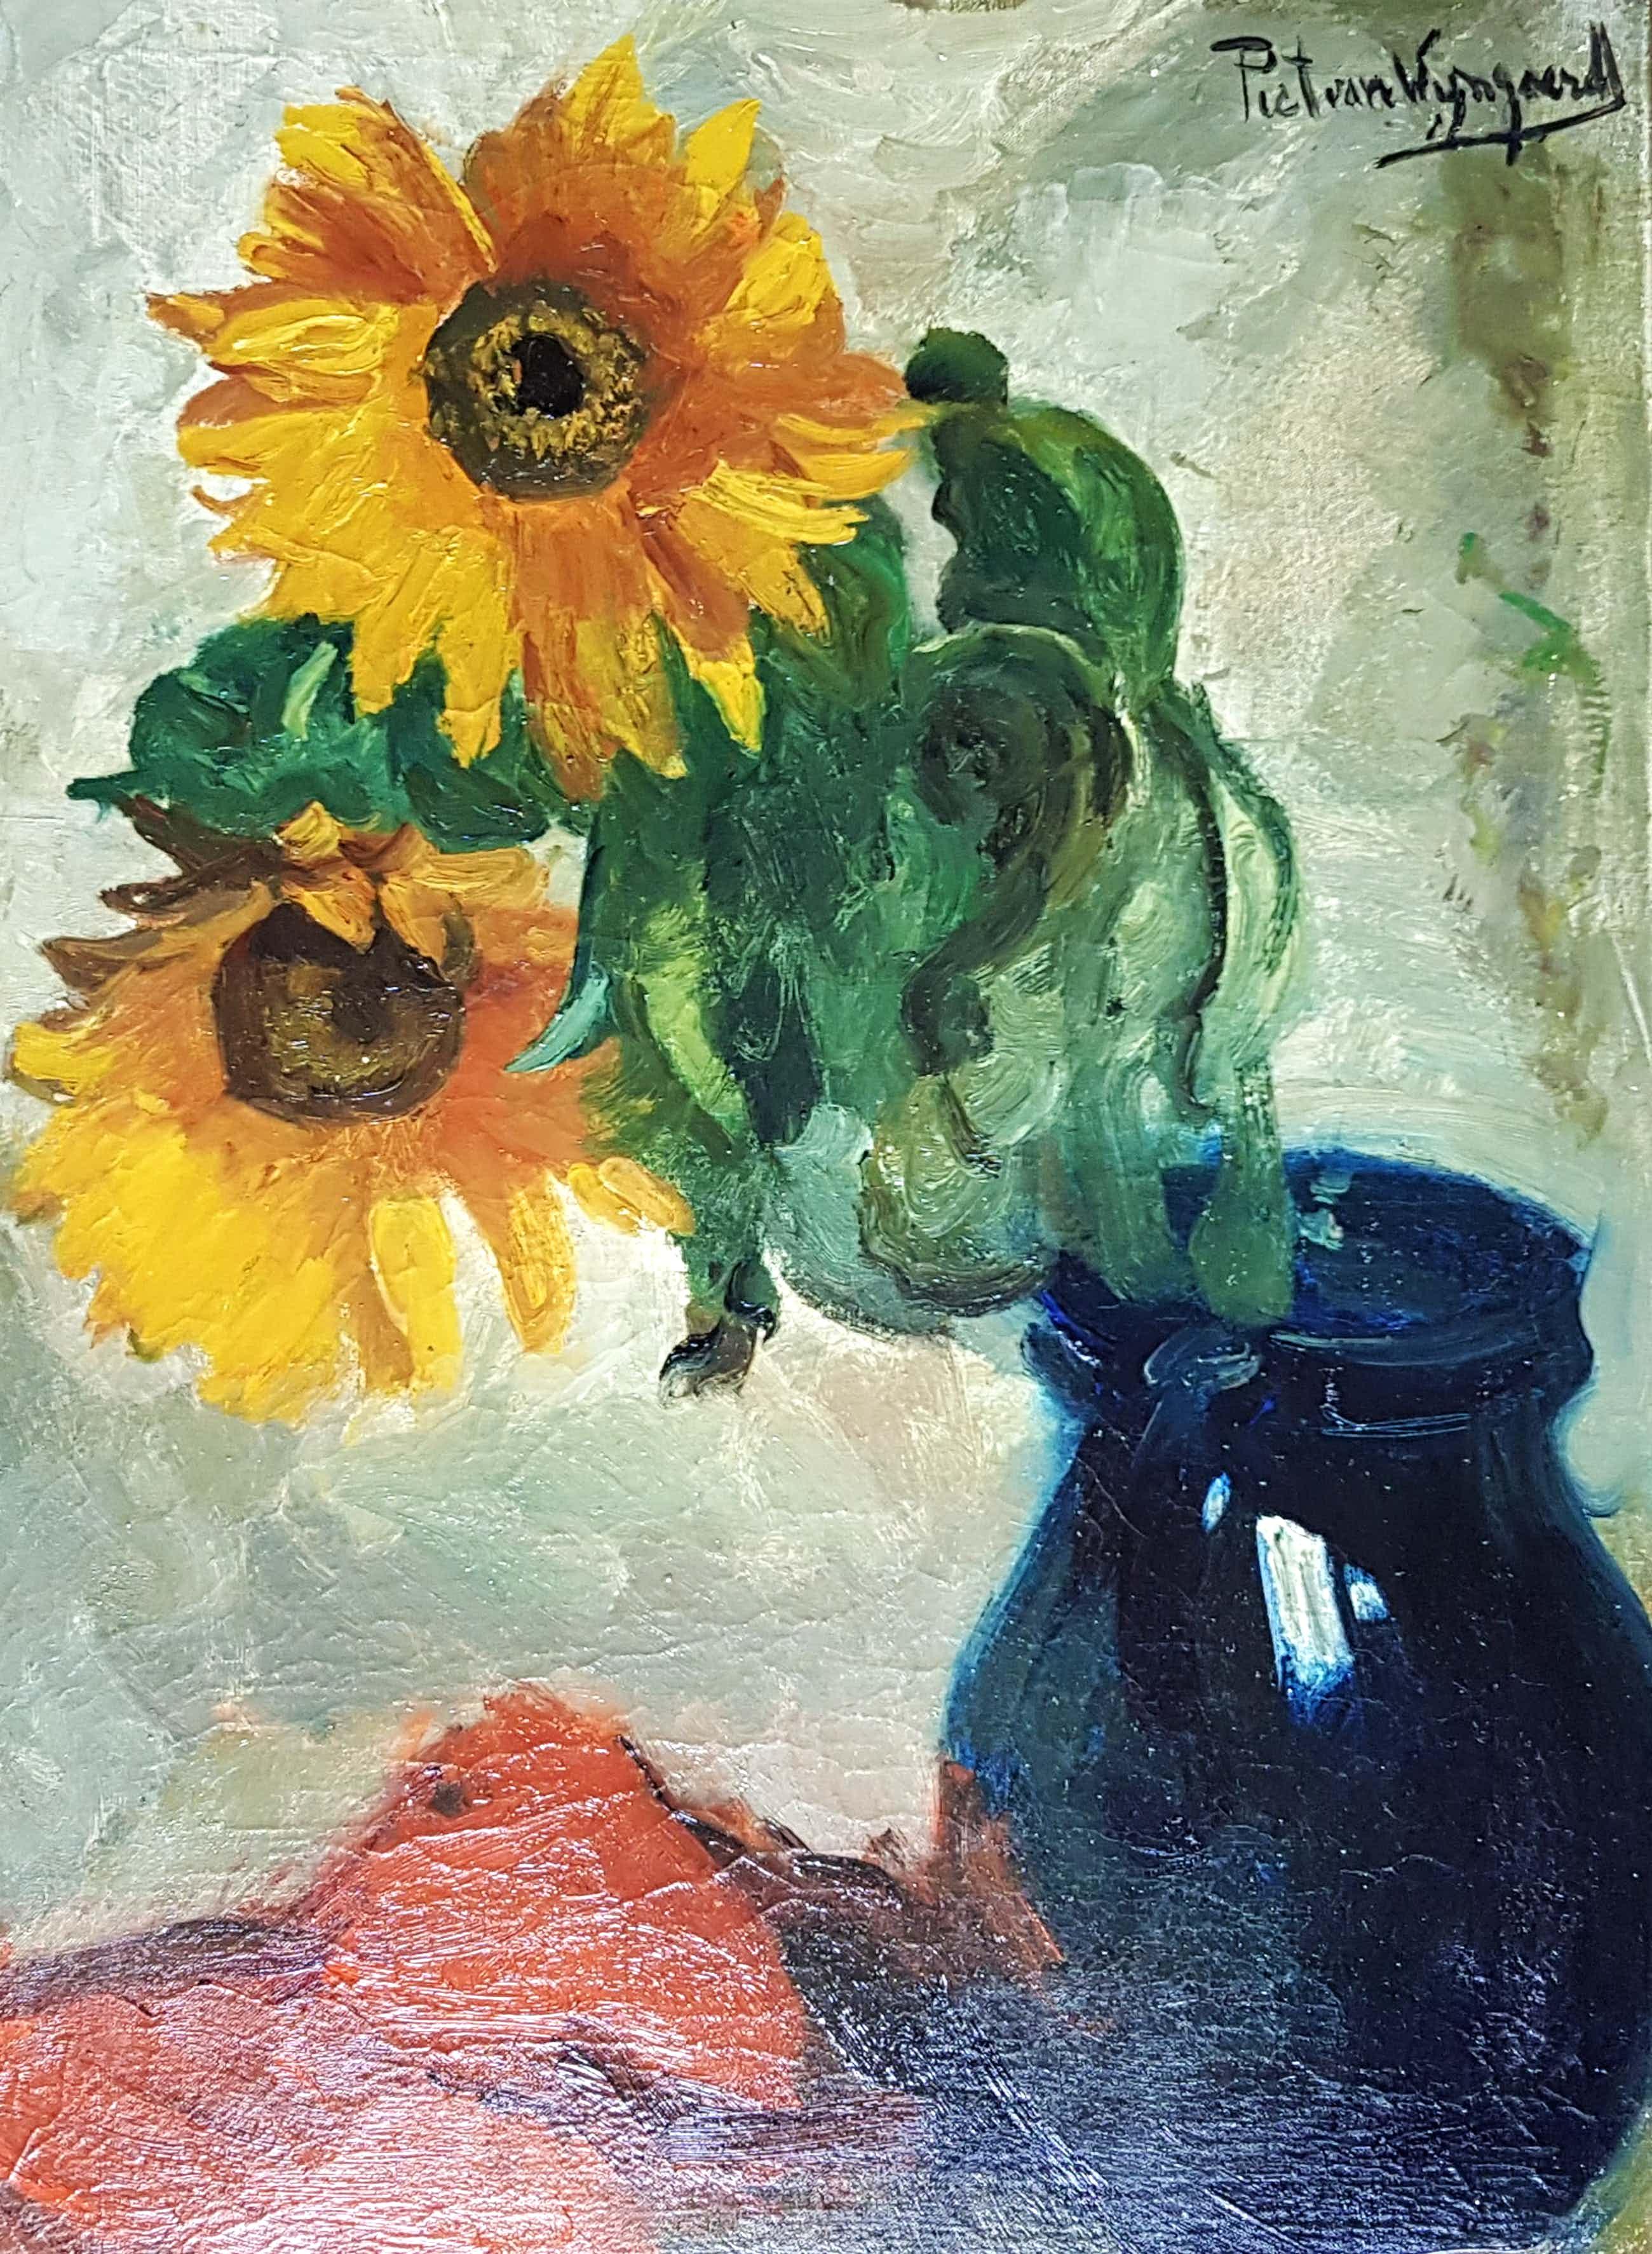 Piet van Wijngaerdt - zonnebloemen, olie op doek, gesigneerd en verso kopen? Bied vanaf 325!